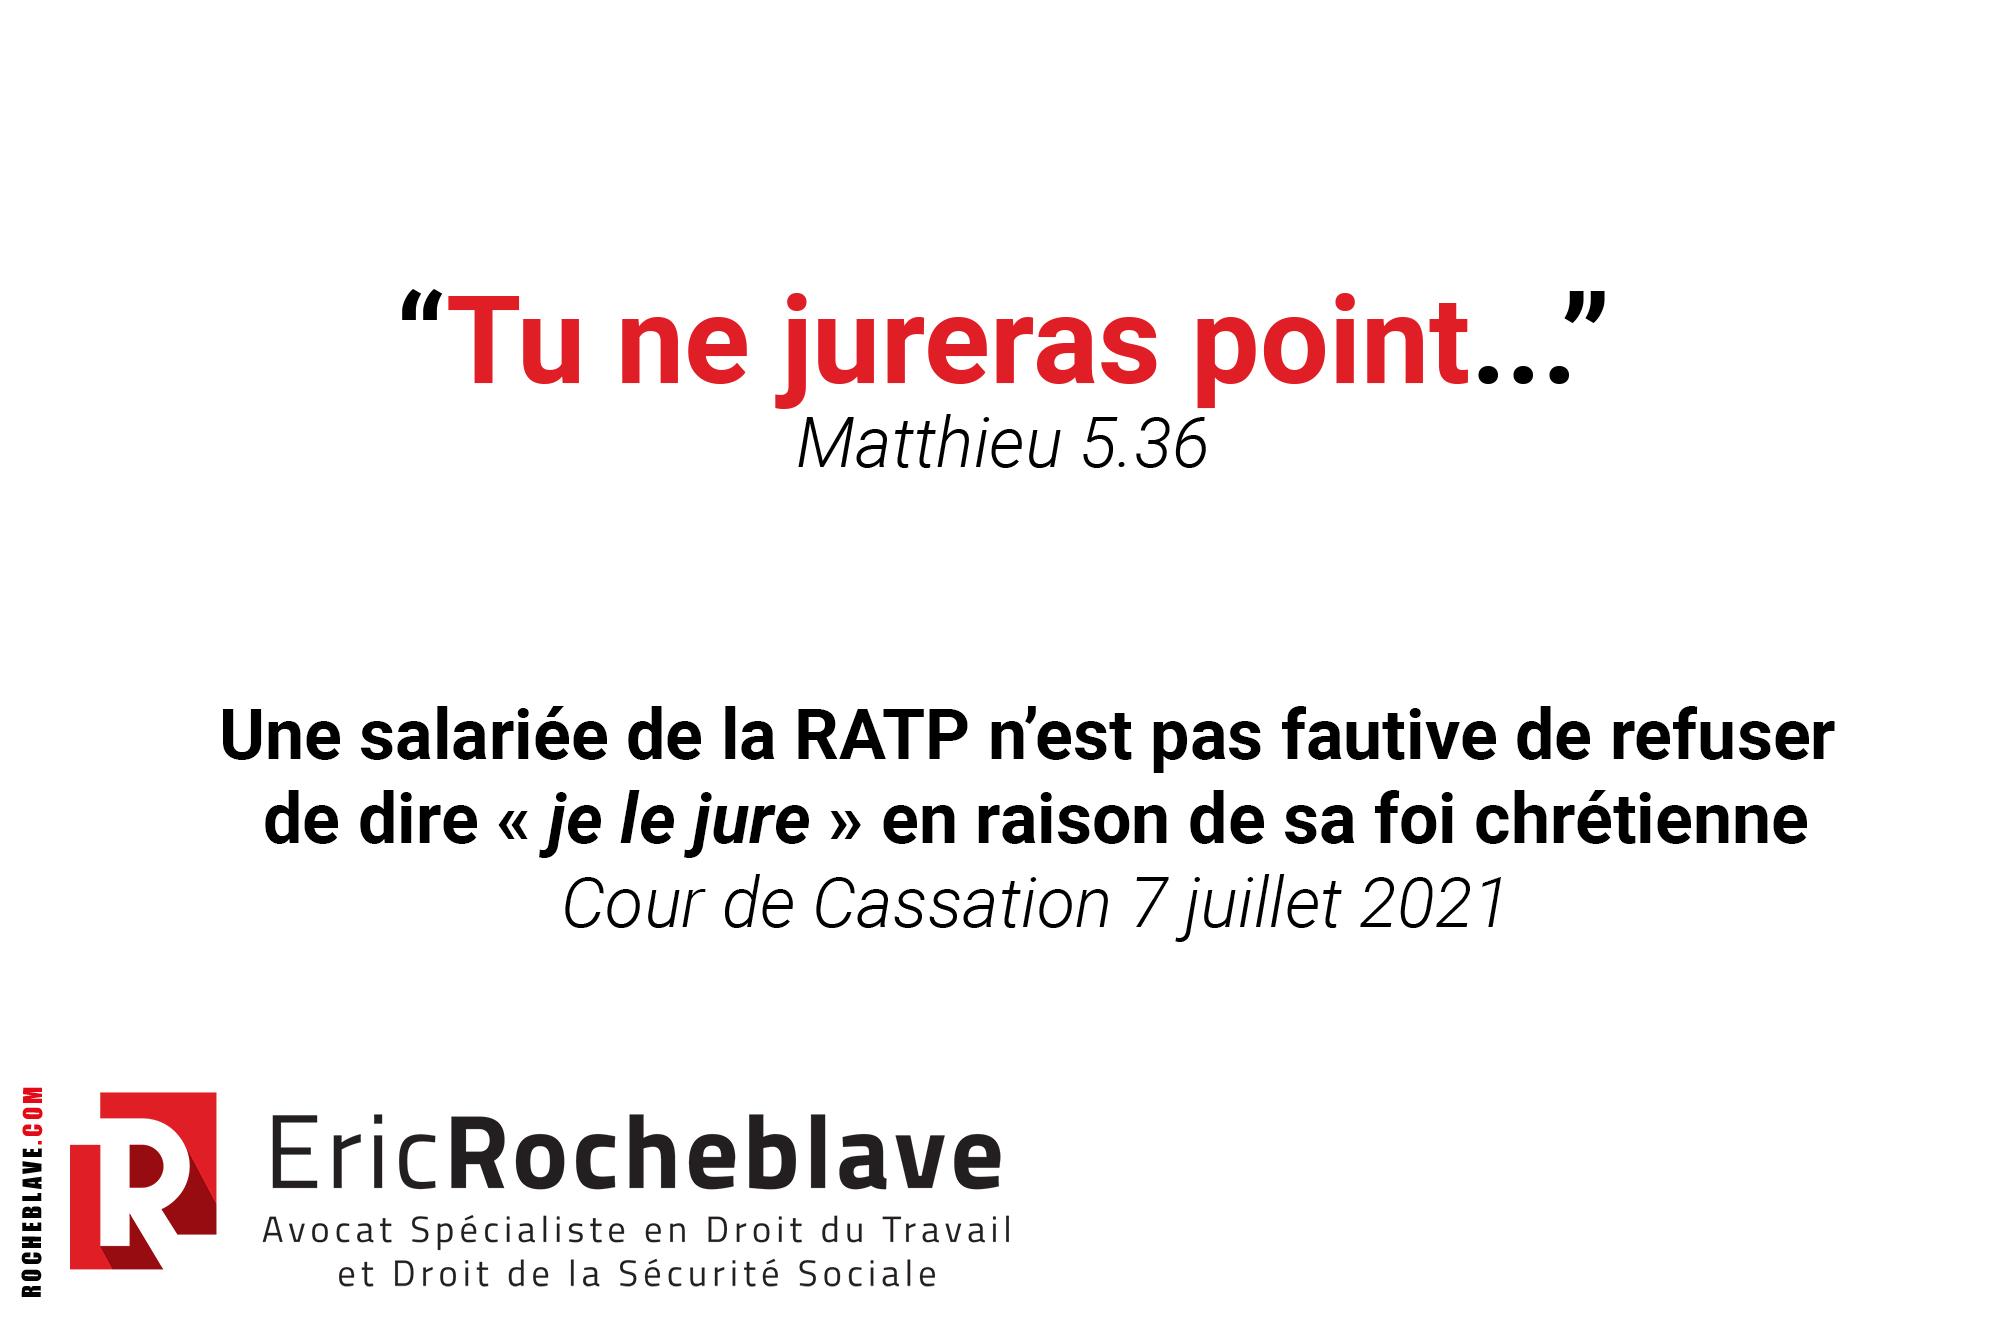 Une salariée de la RATP n'est pas fautive de refuser de dire « je le jure » en raison de sa foi chrétienne